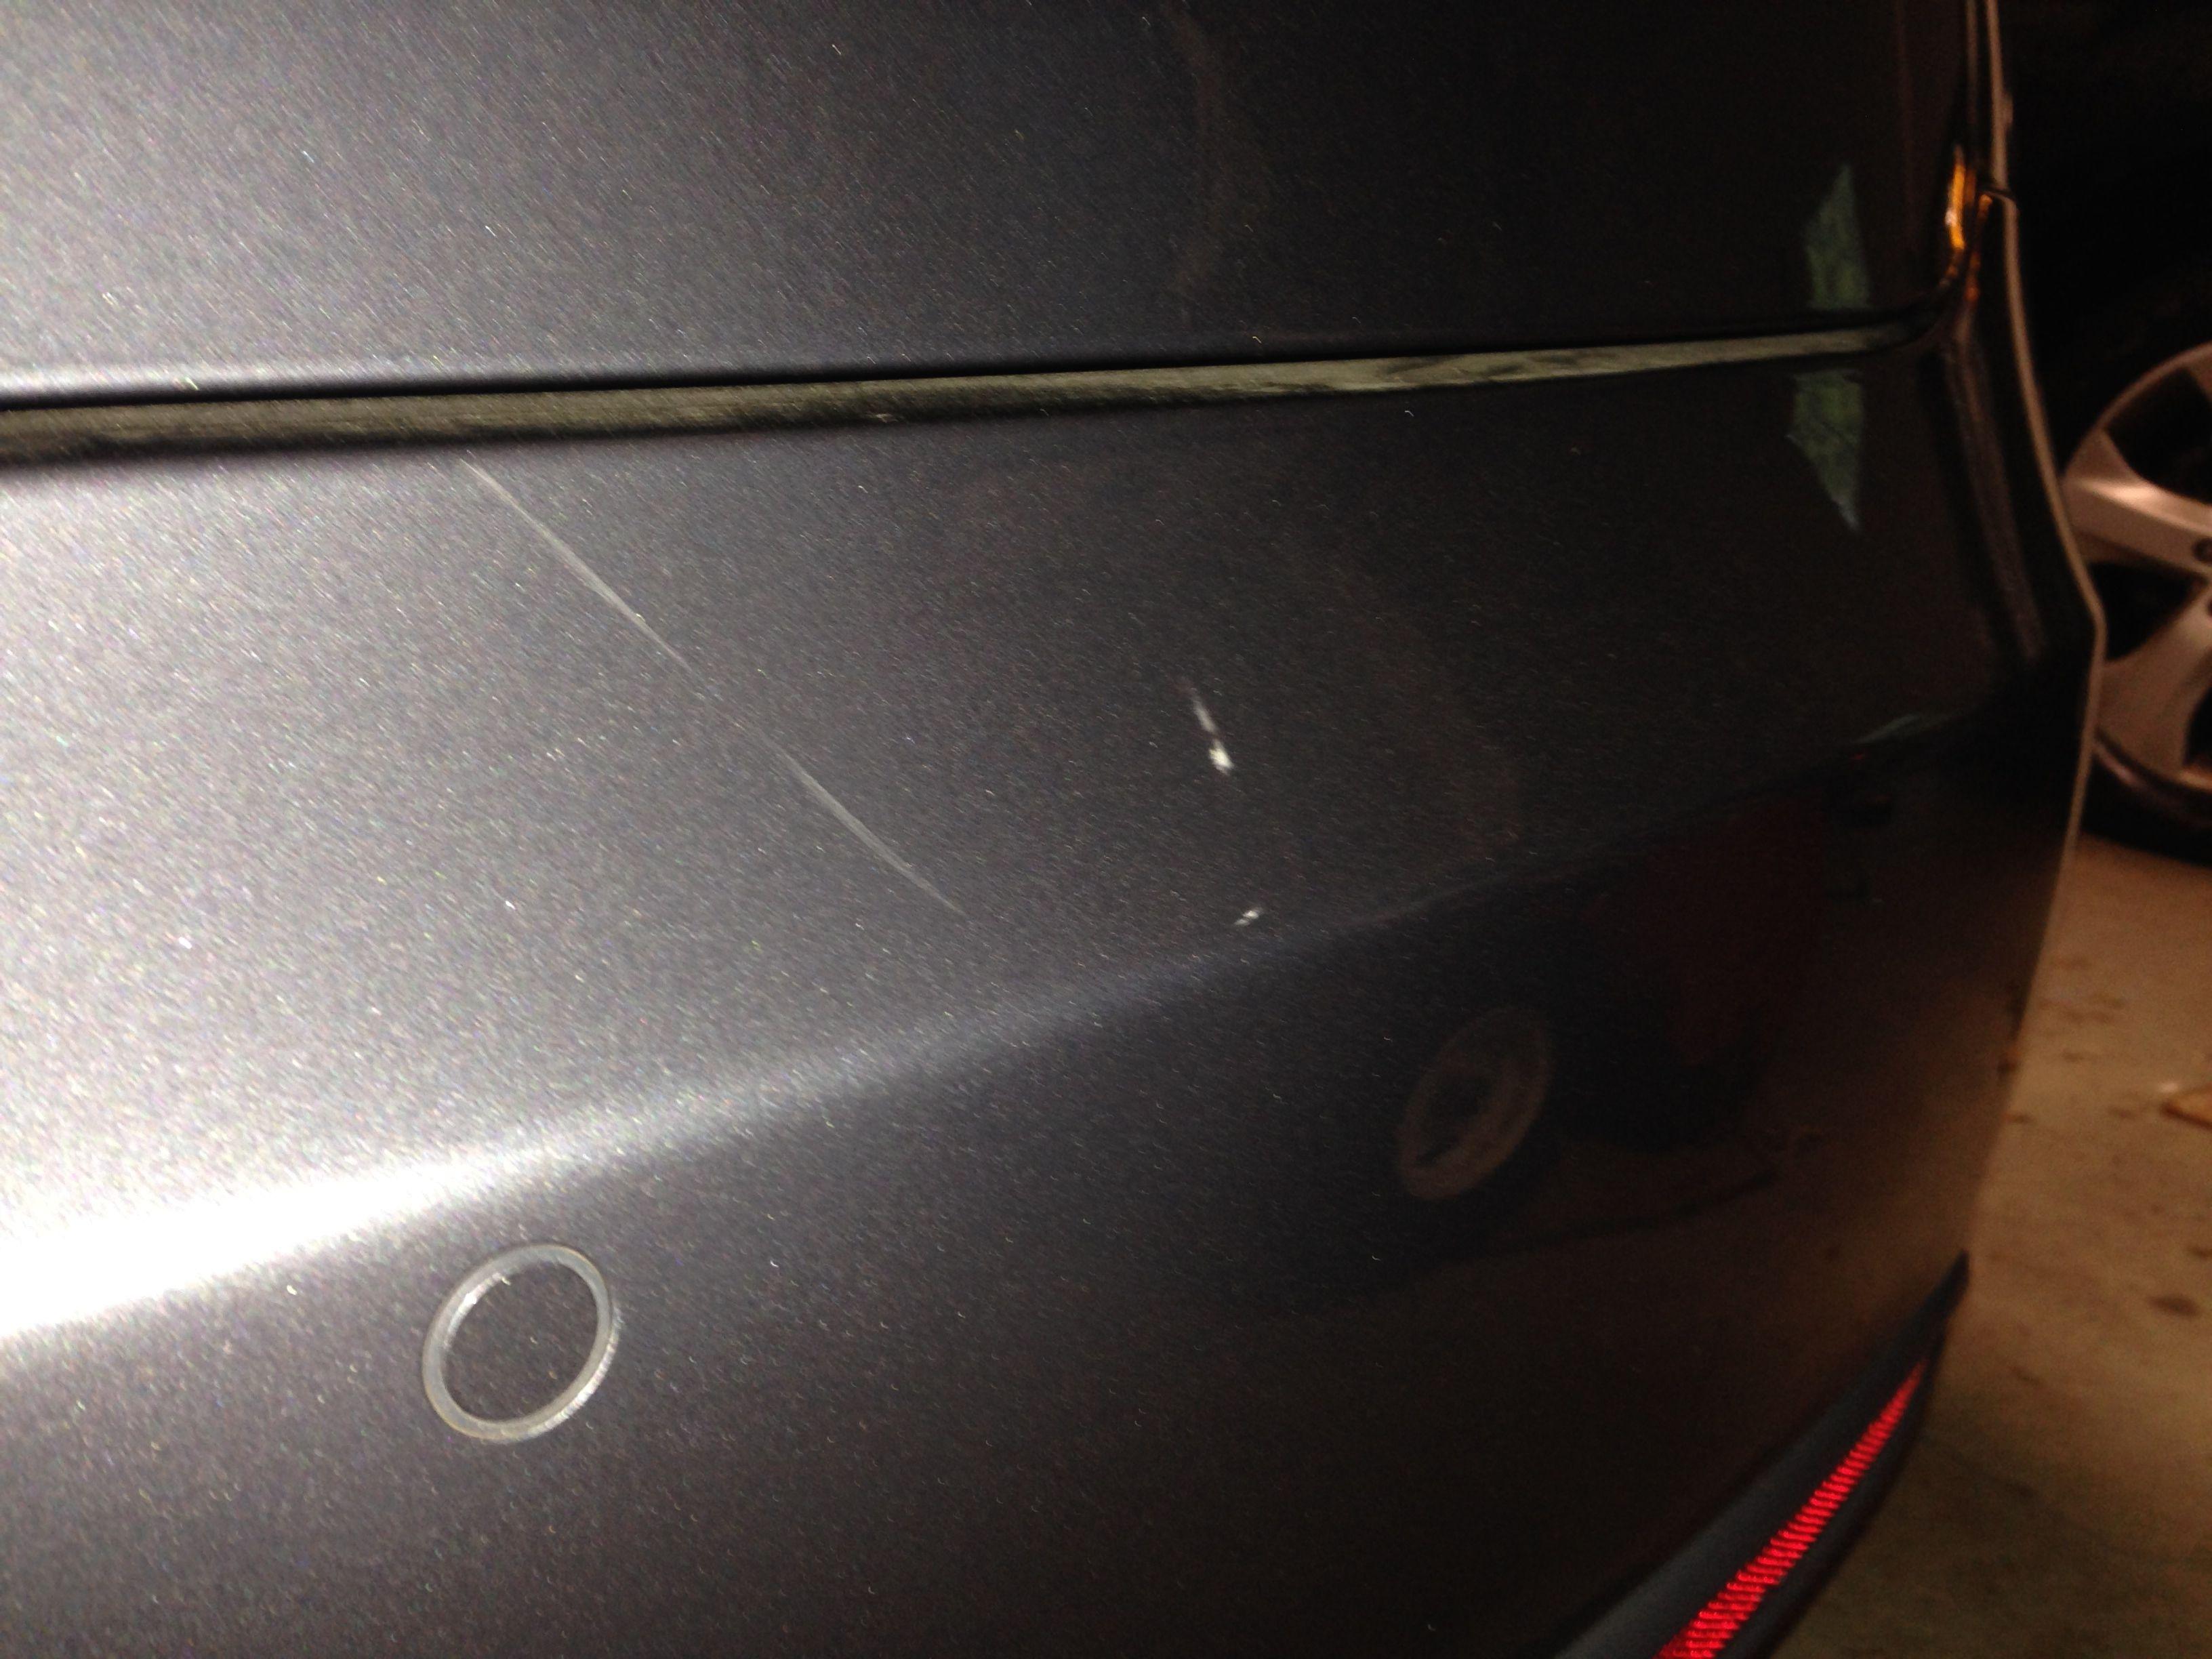 Rear bumper Scrape